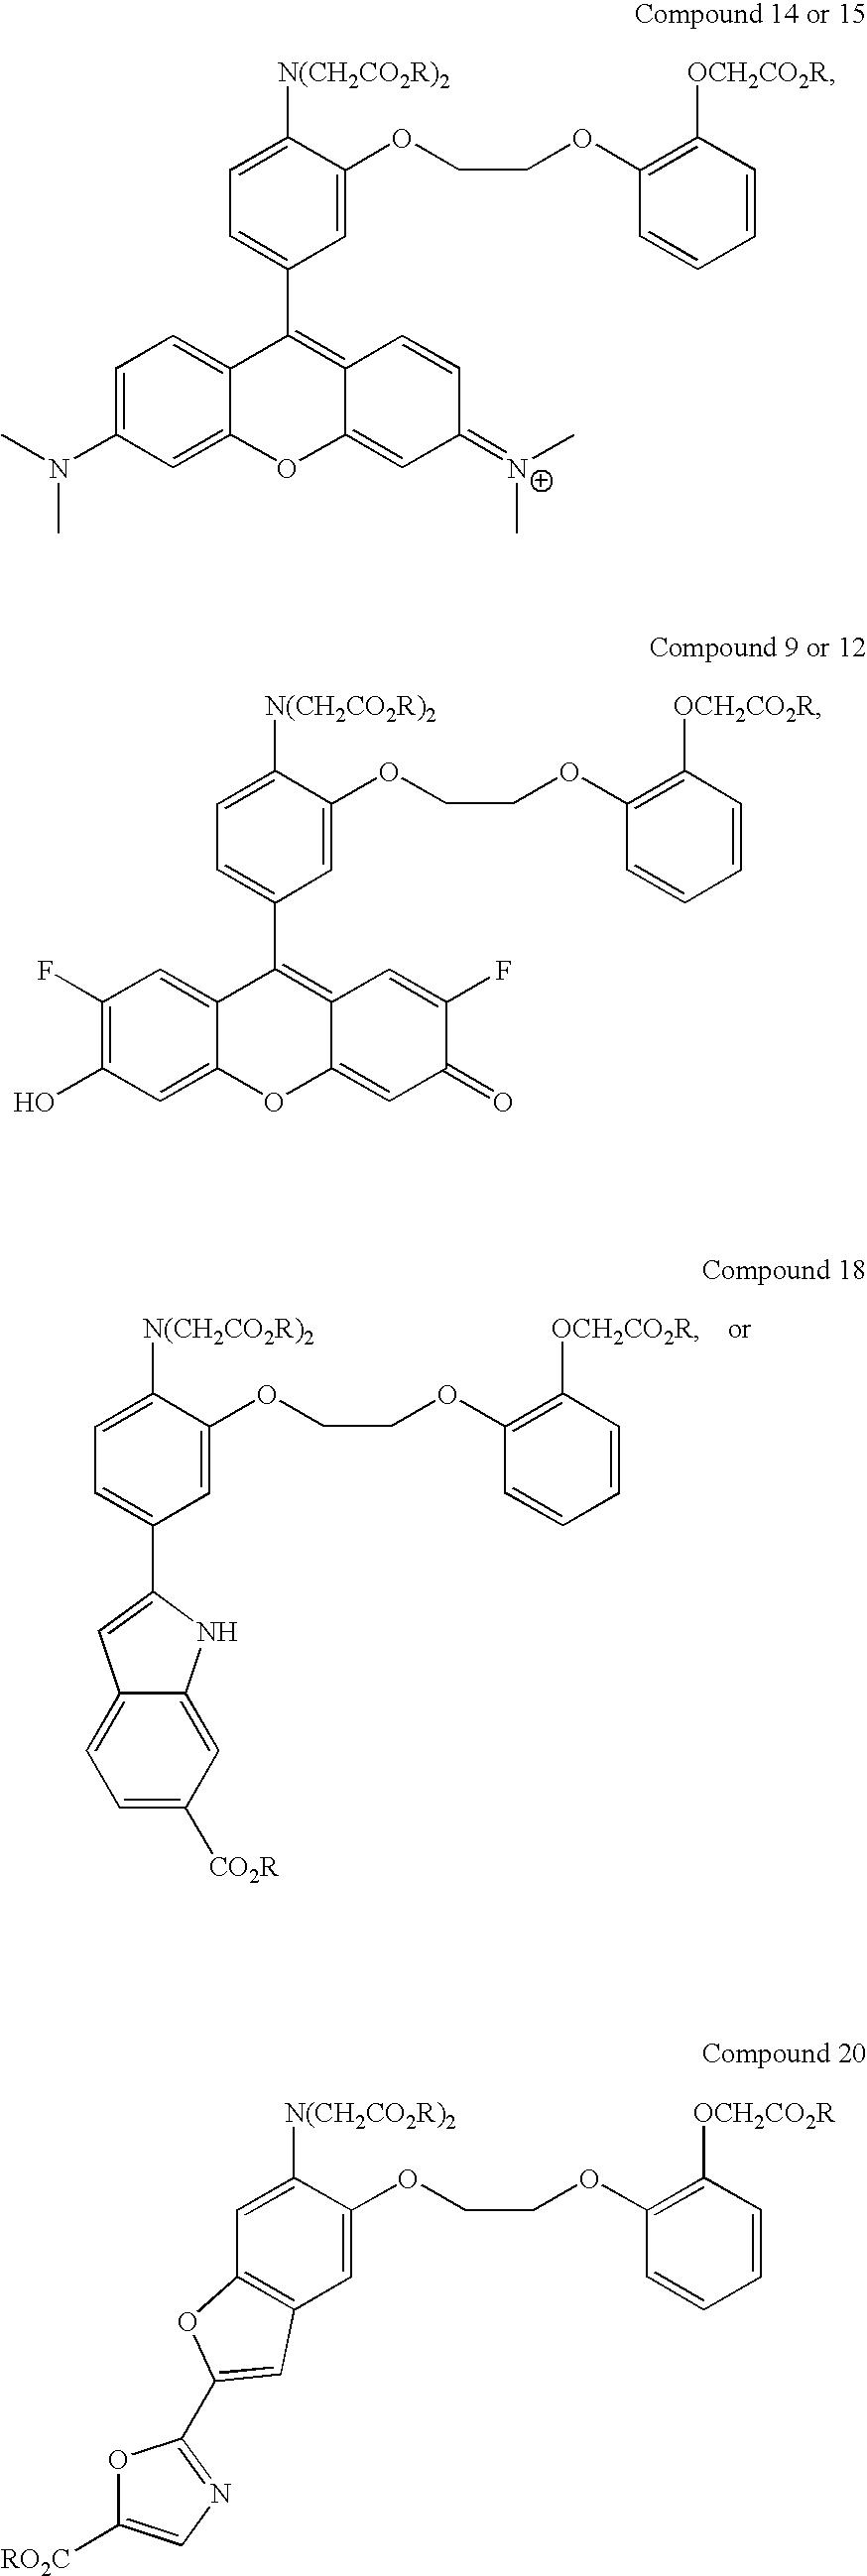 Figure US20070161112A1-20070712-C00004